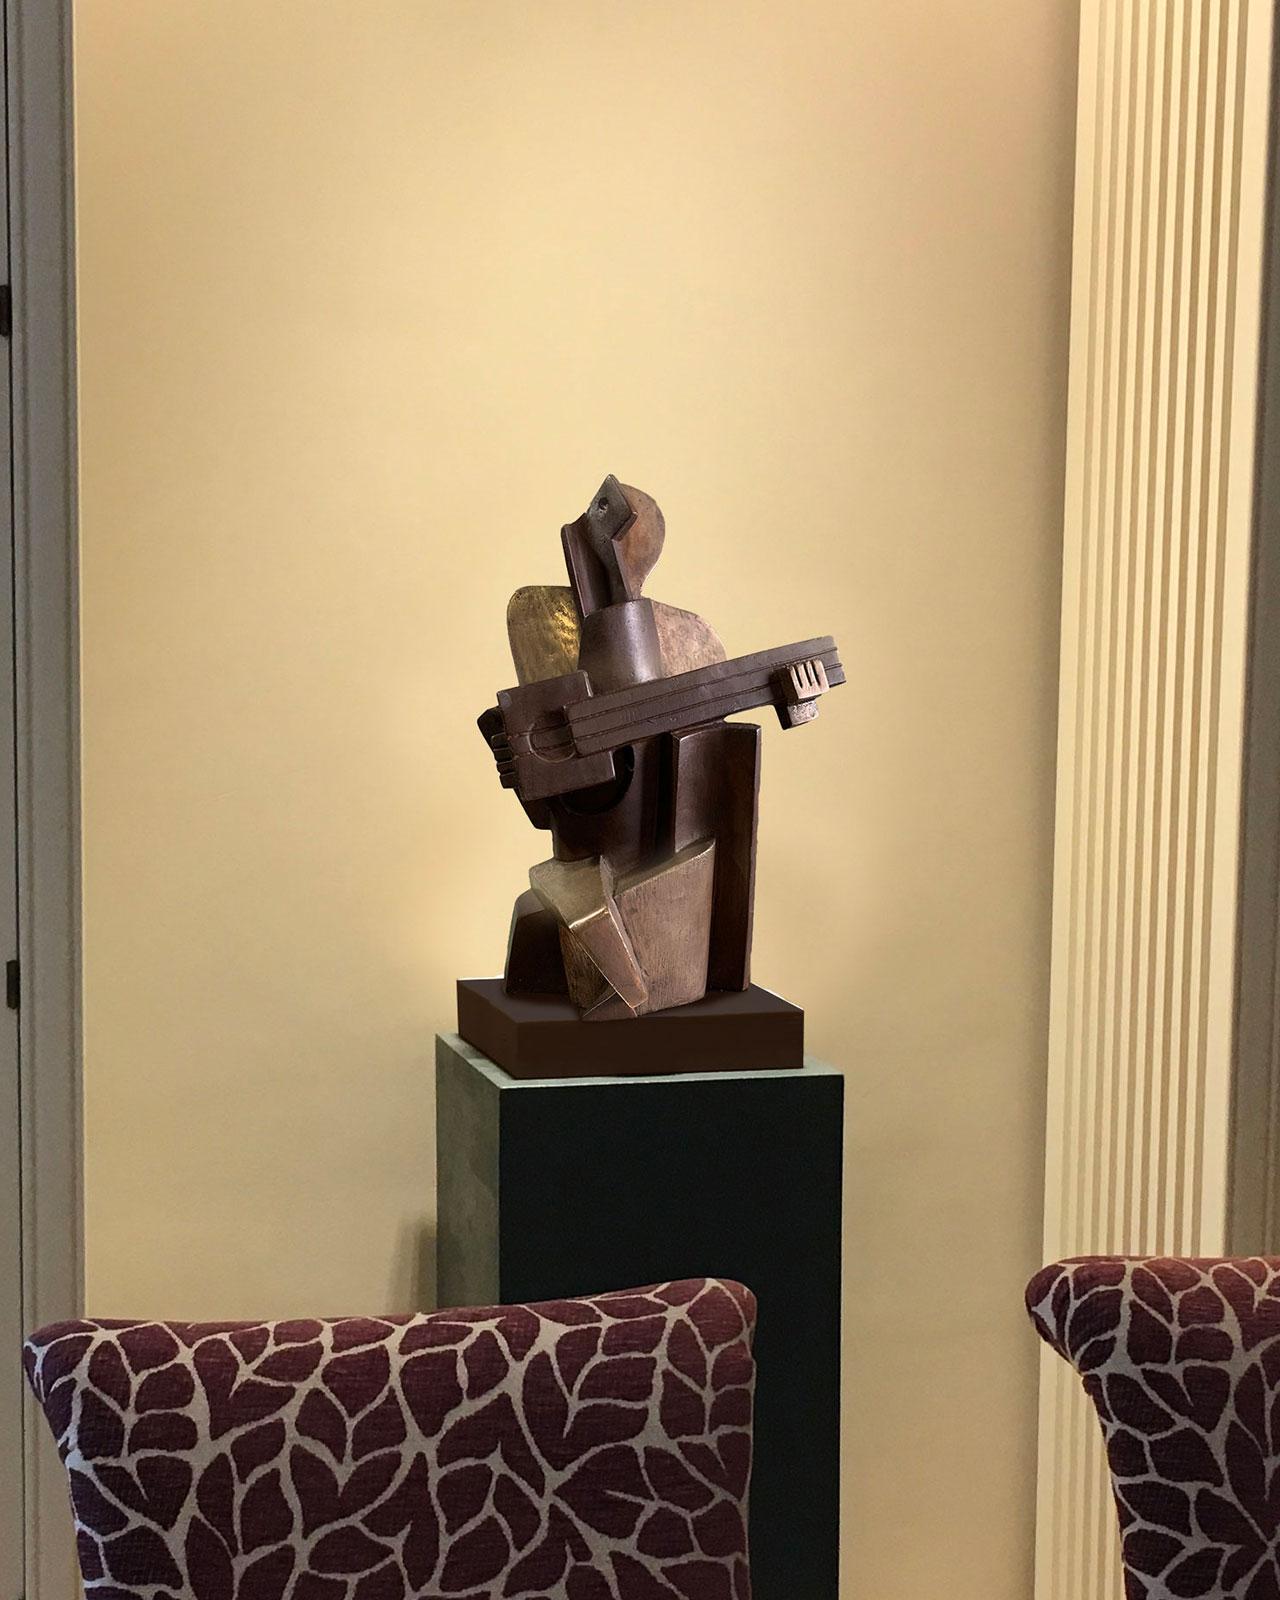 Guitarrista-cubista-bronce-fundicion-coleccionista